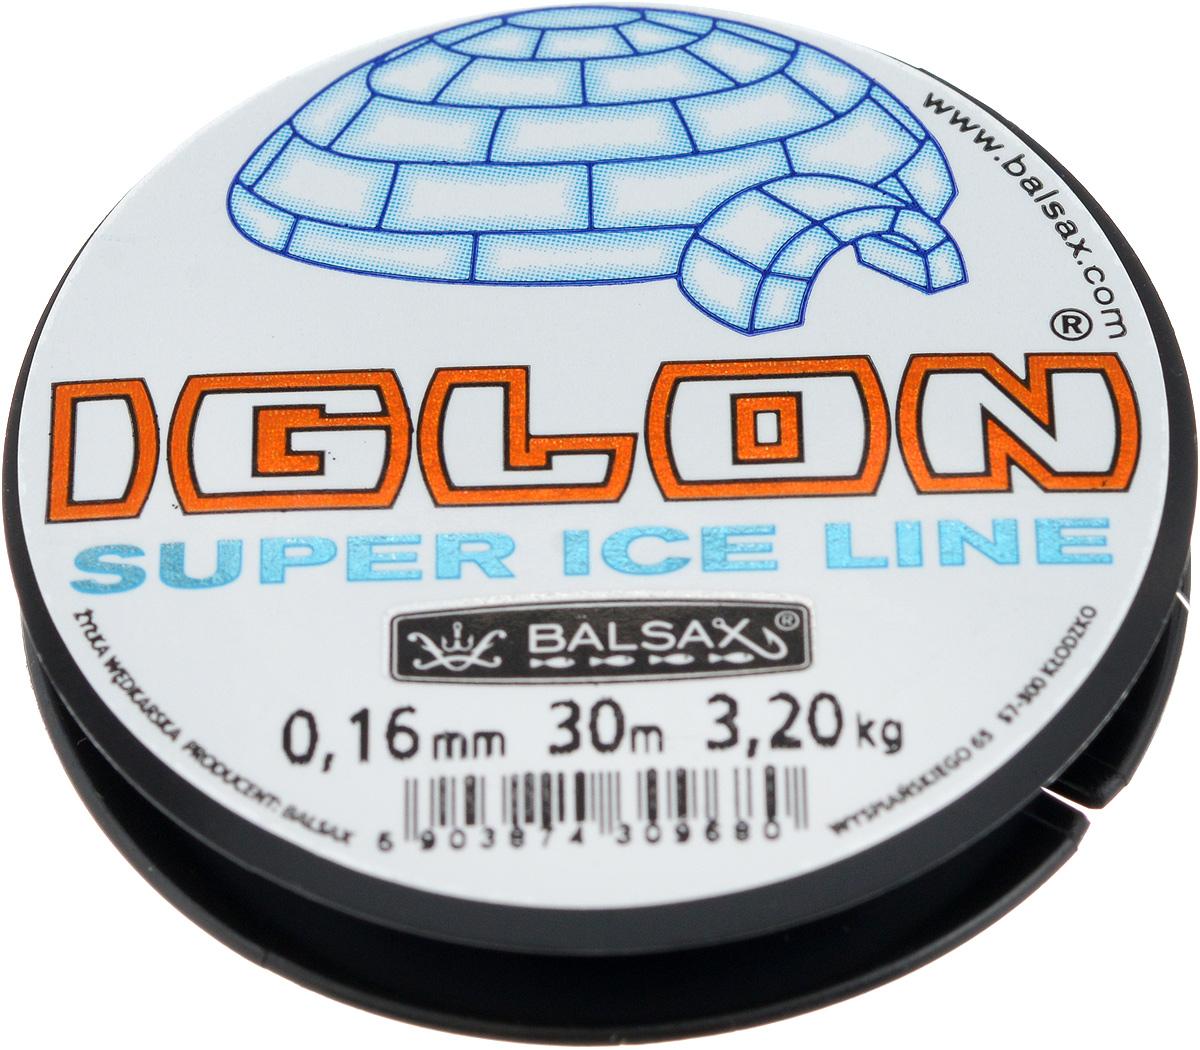 Леска зимняя Balsax Iglon, 30 м, 0,16 мм, 3,2 кг312-06016Леска Balsax Iglon изготовлена из 100% нейлона и очень хорошо выдерживает низкие температуры. Даже в самом холодном климате, при температуре вплоть до -40°C, она сохраняет свои свойства практически без изменений, в то время как традиционные лески становятся менее эластичными и теряют прочность. Поверхность лески обработана таким образом, что она не обмерзает и отлично подходит для подледного лова. Прочна в местах вязки узлов даже при минимальном диаметре.